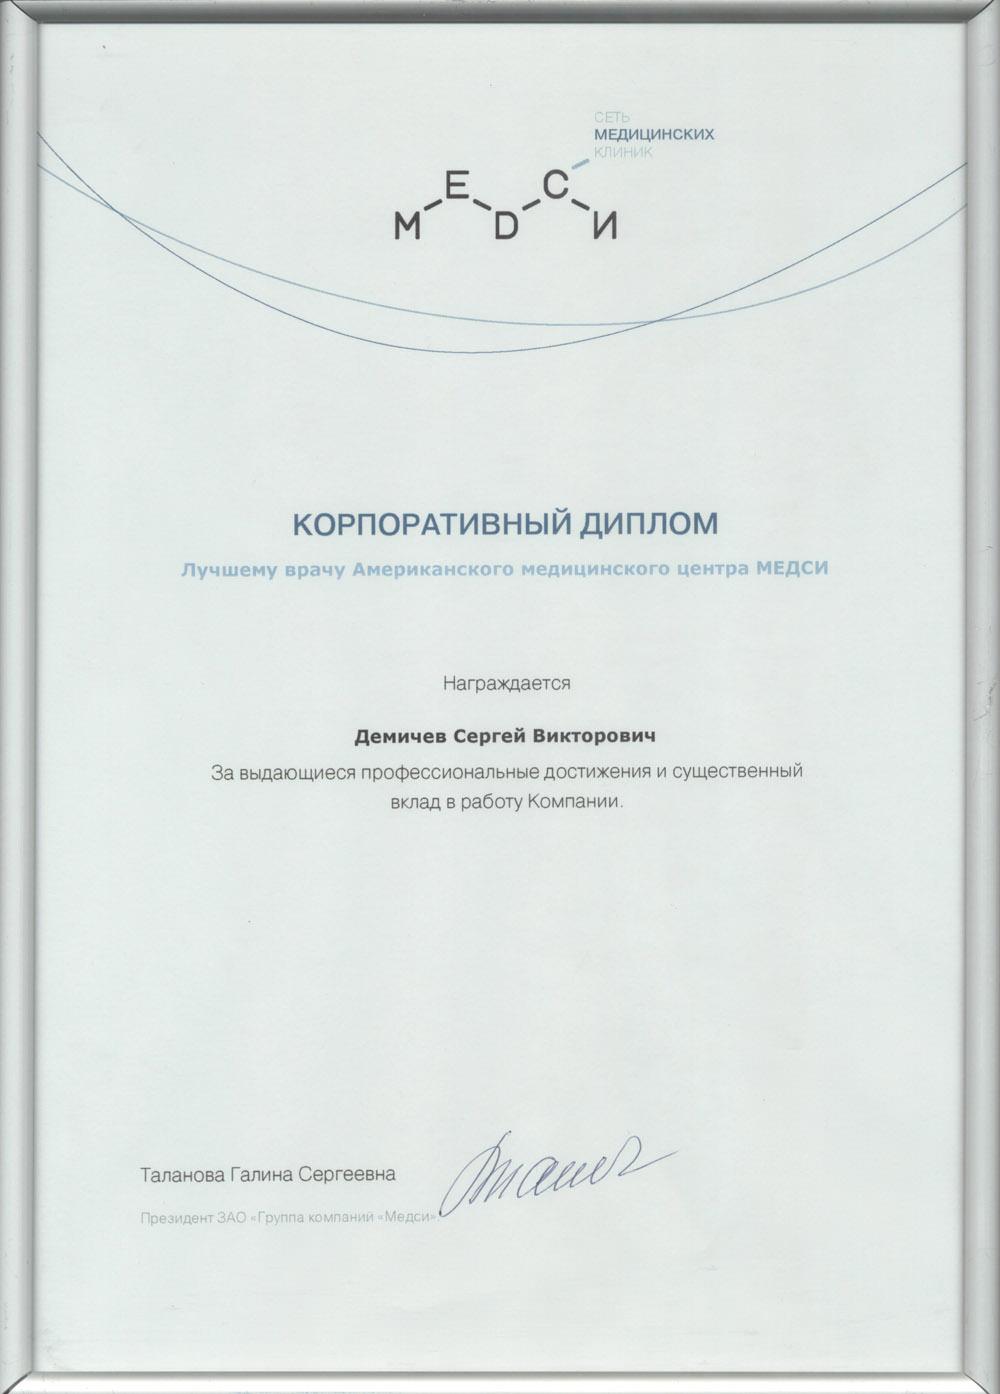 Лучший_врач_МЕДСИ